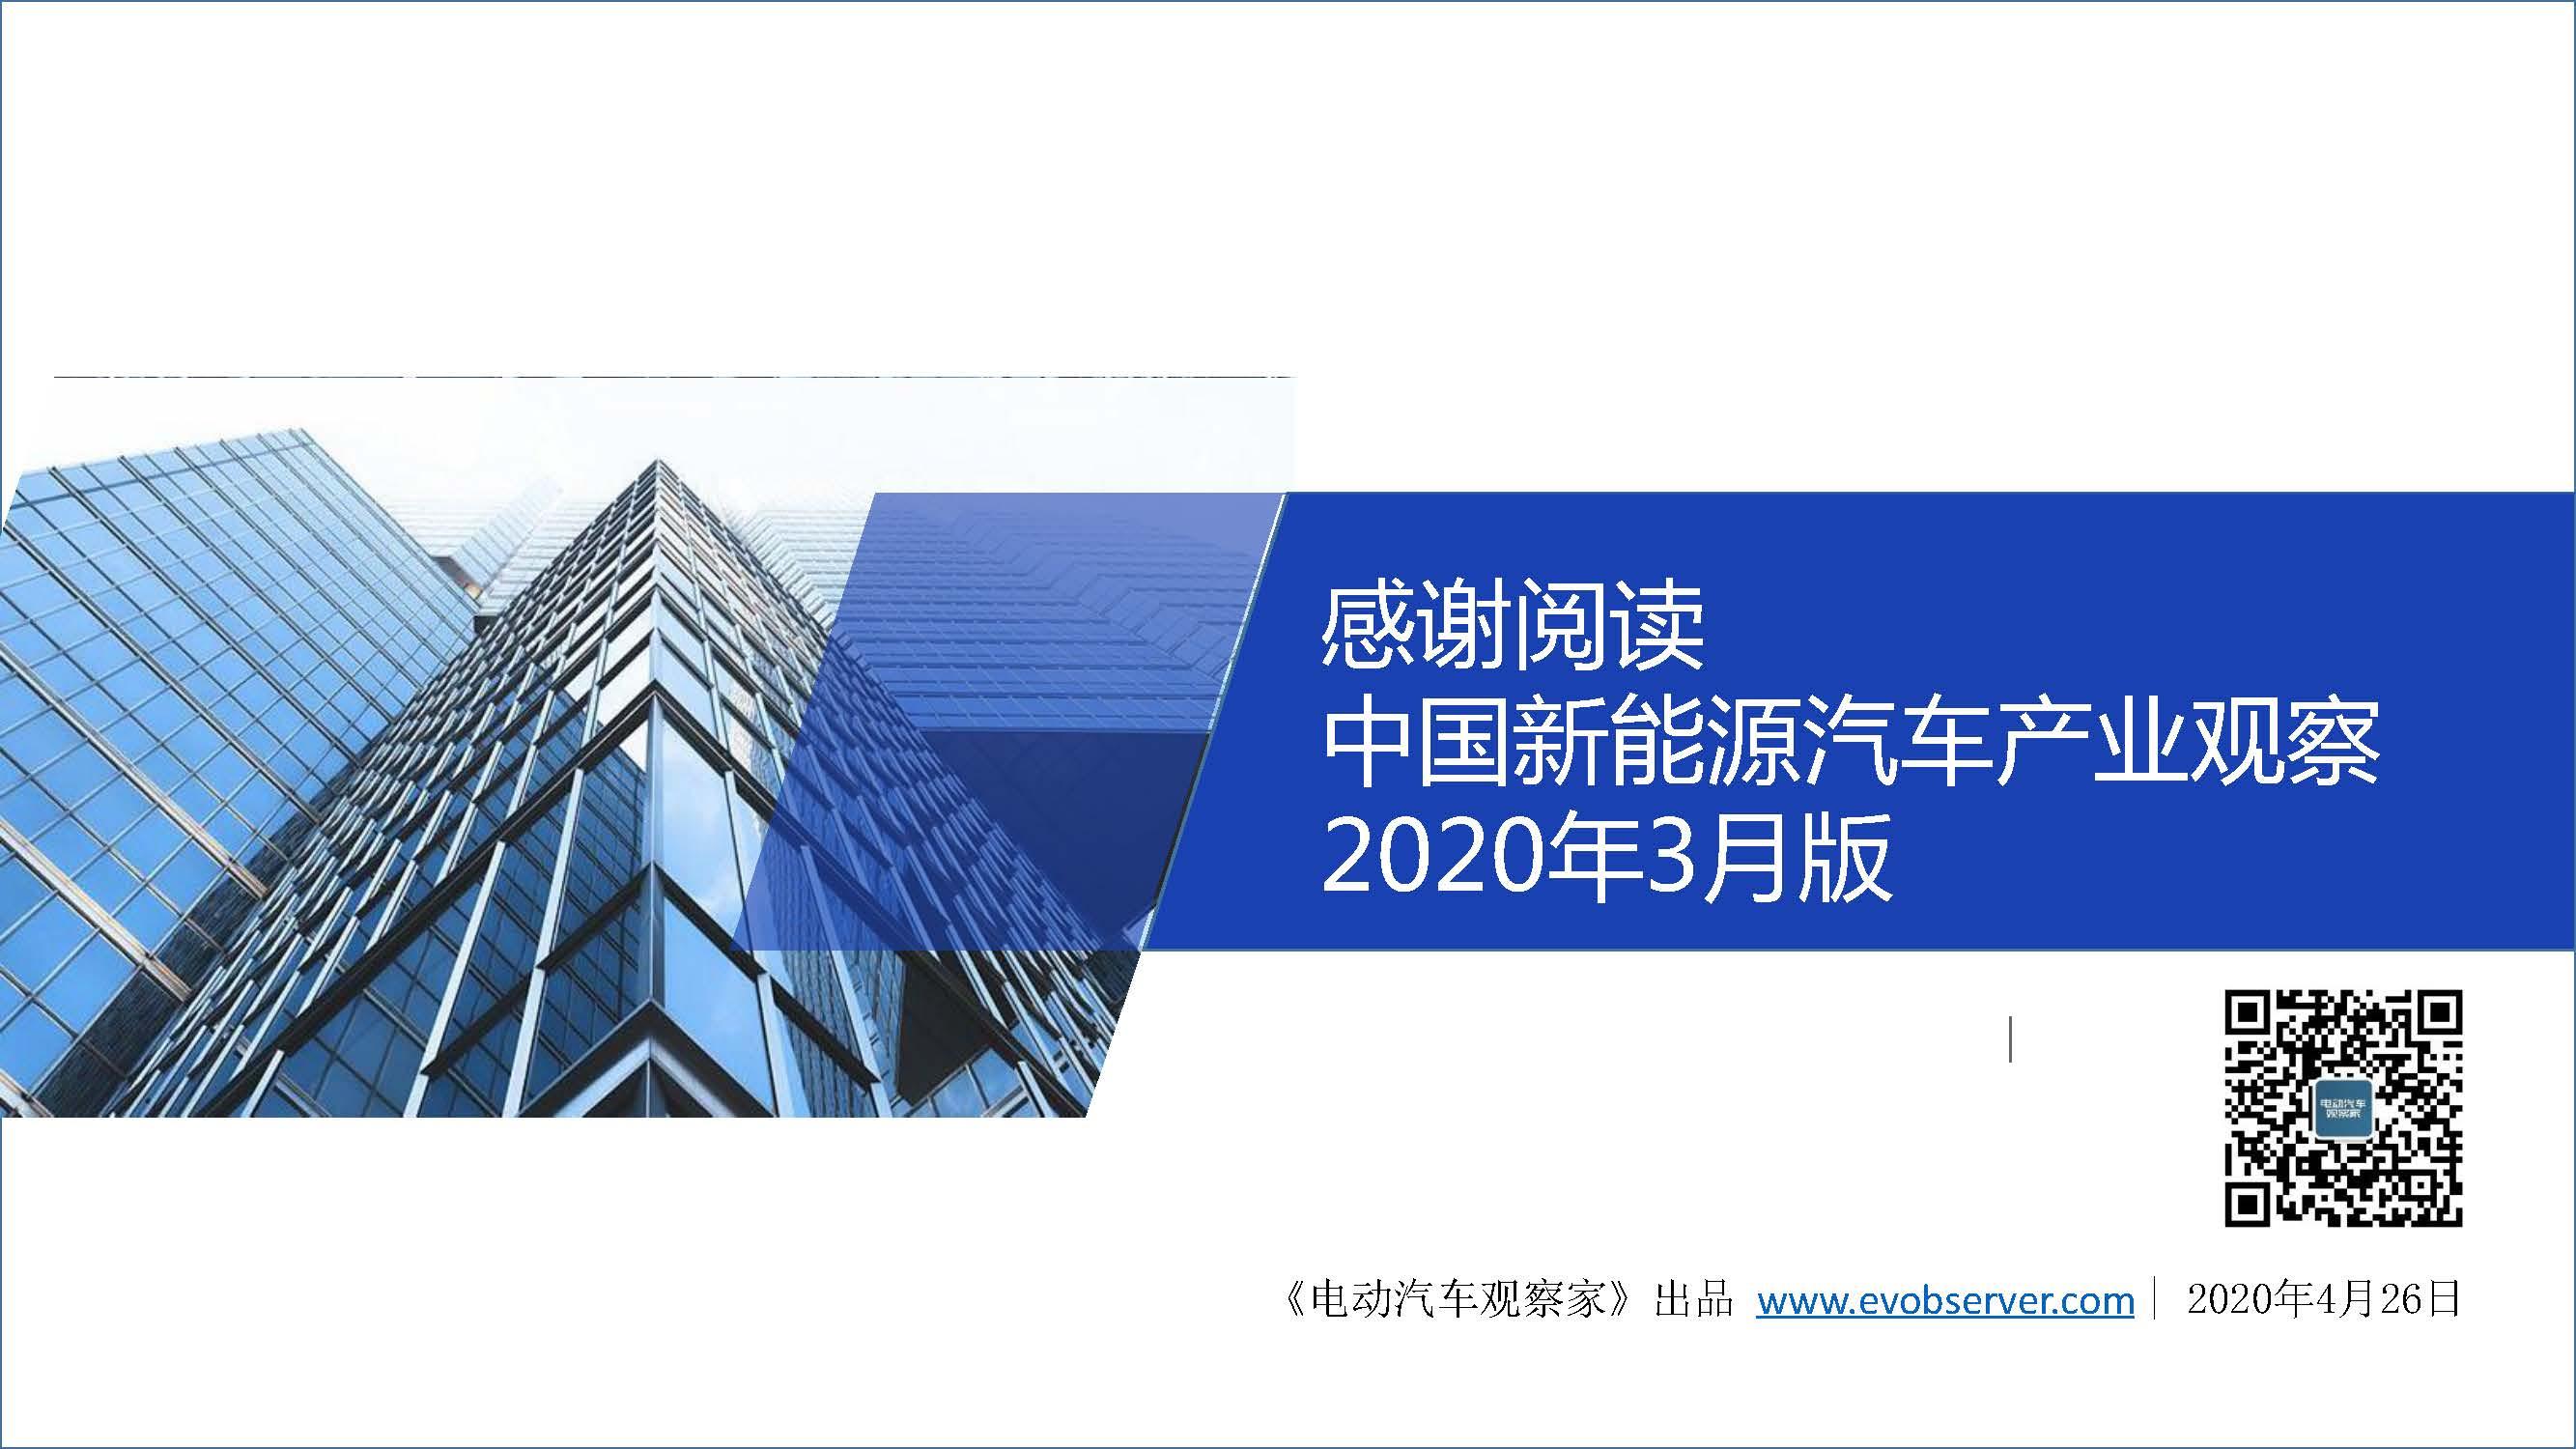 中国新能源汽车产业观察2020年3月简版_页面_41